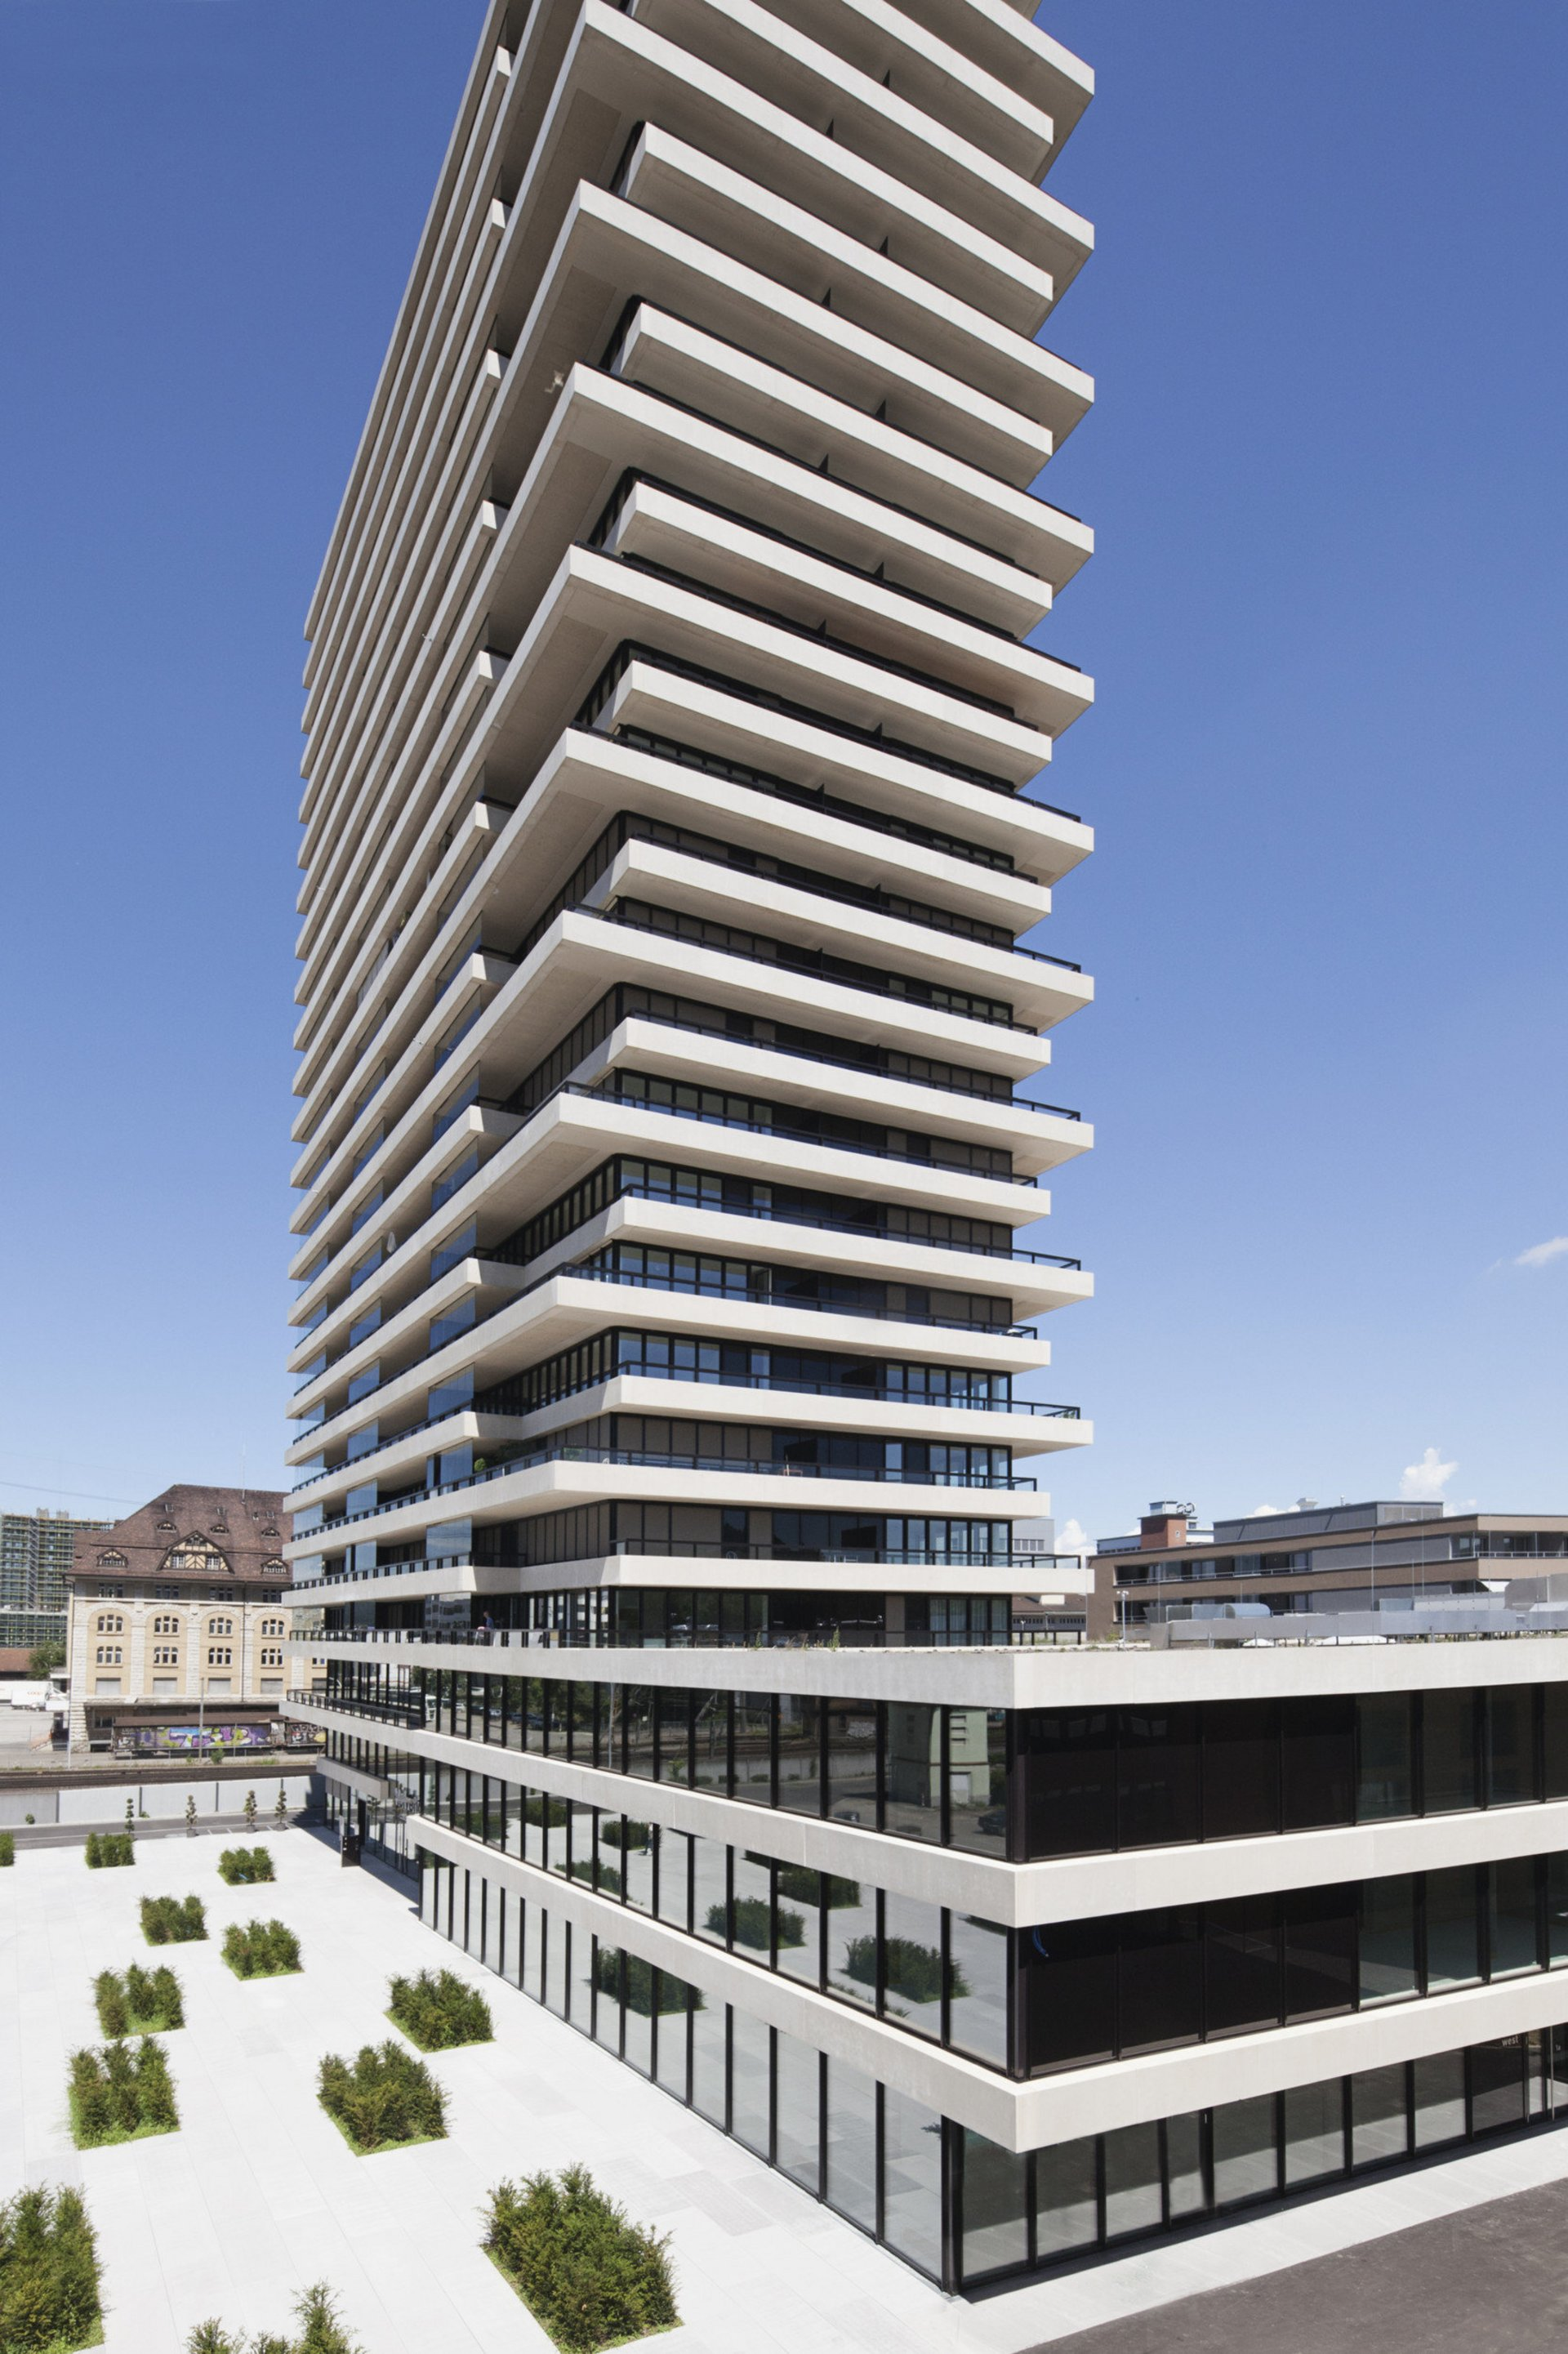 Hochhaus in spezieller Form mit Glasfront abgetrennt durch herausstehende Betonfassade